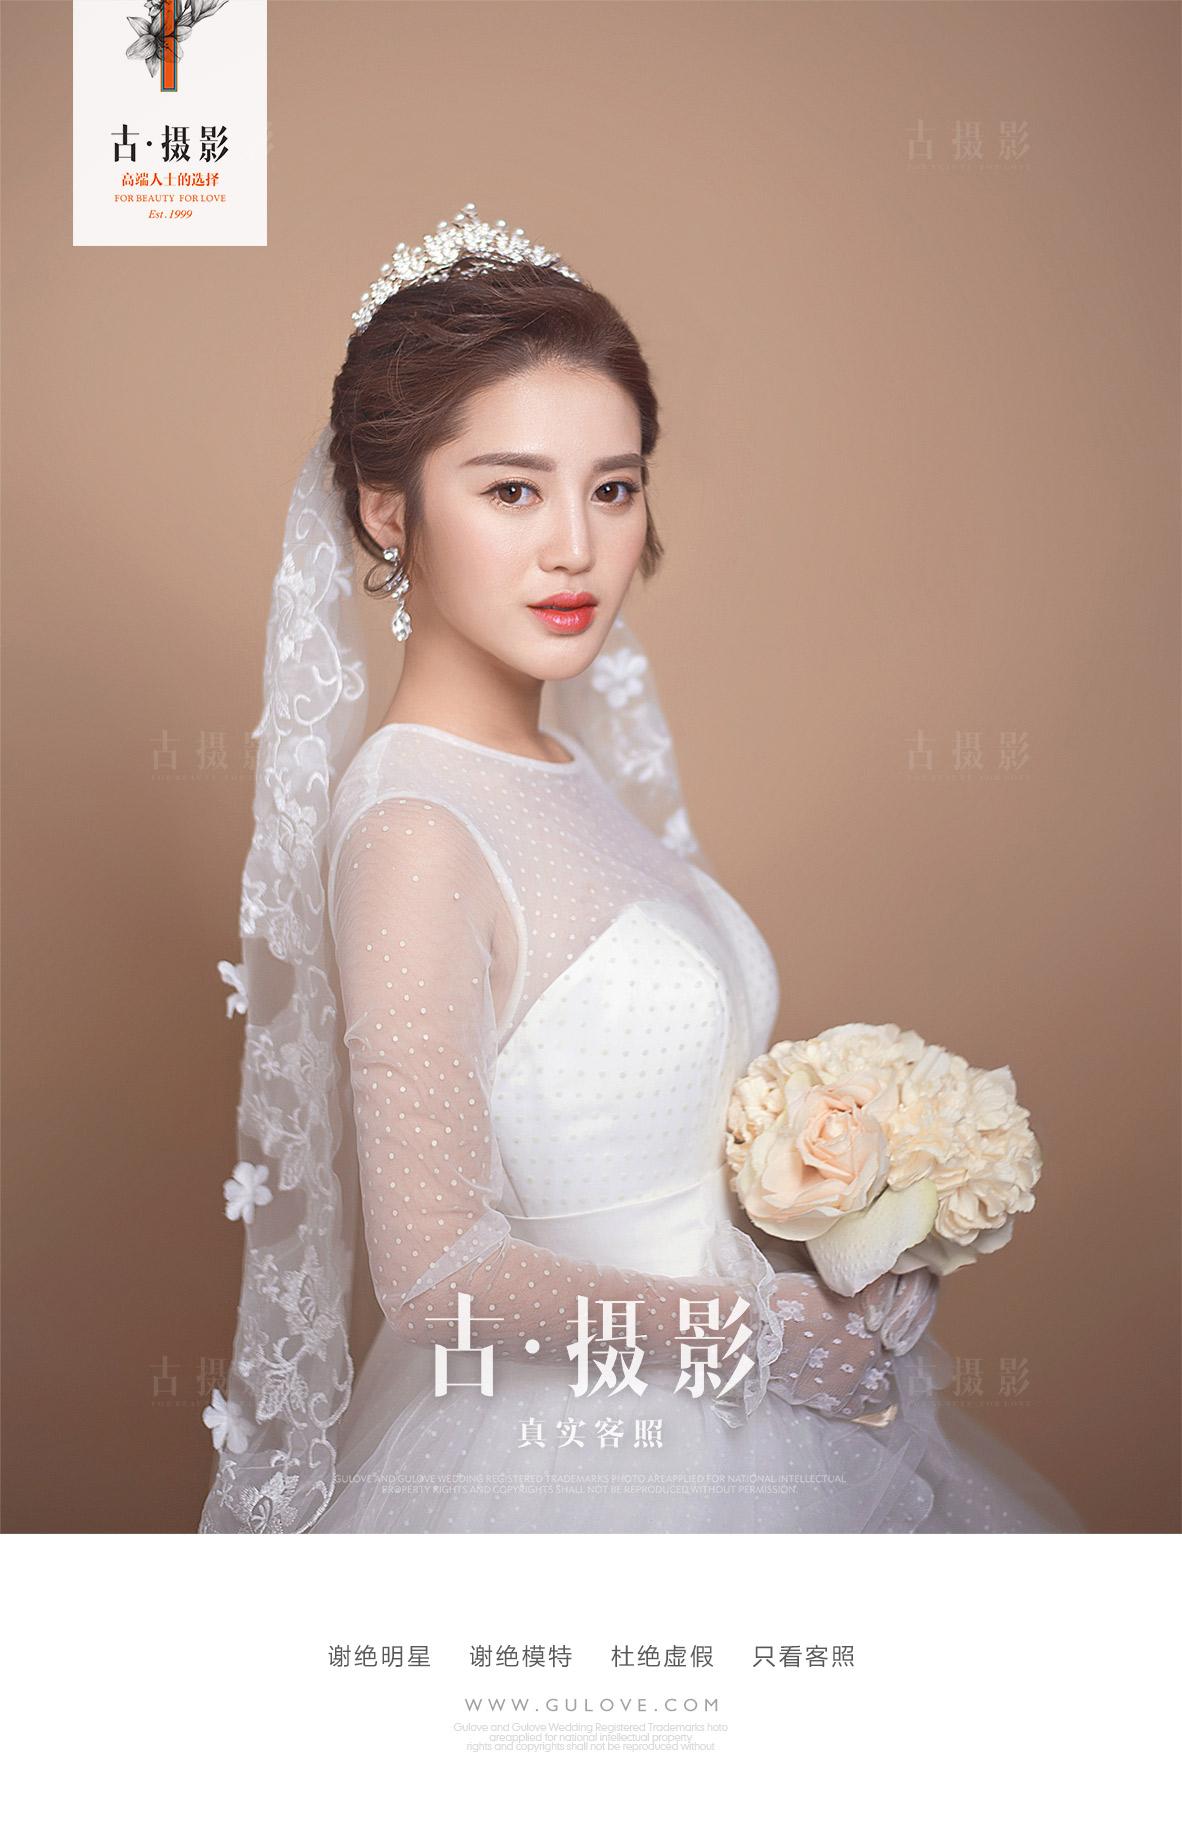 1月客照第二季 - 月度客照 - 古摄影婚纱艺术-古摄影成都婚纱摄影艺术摄影网